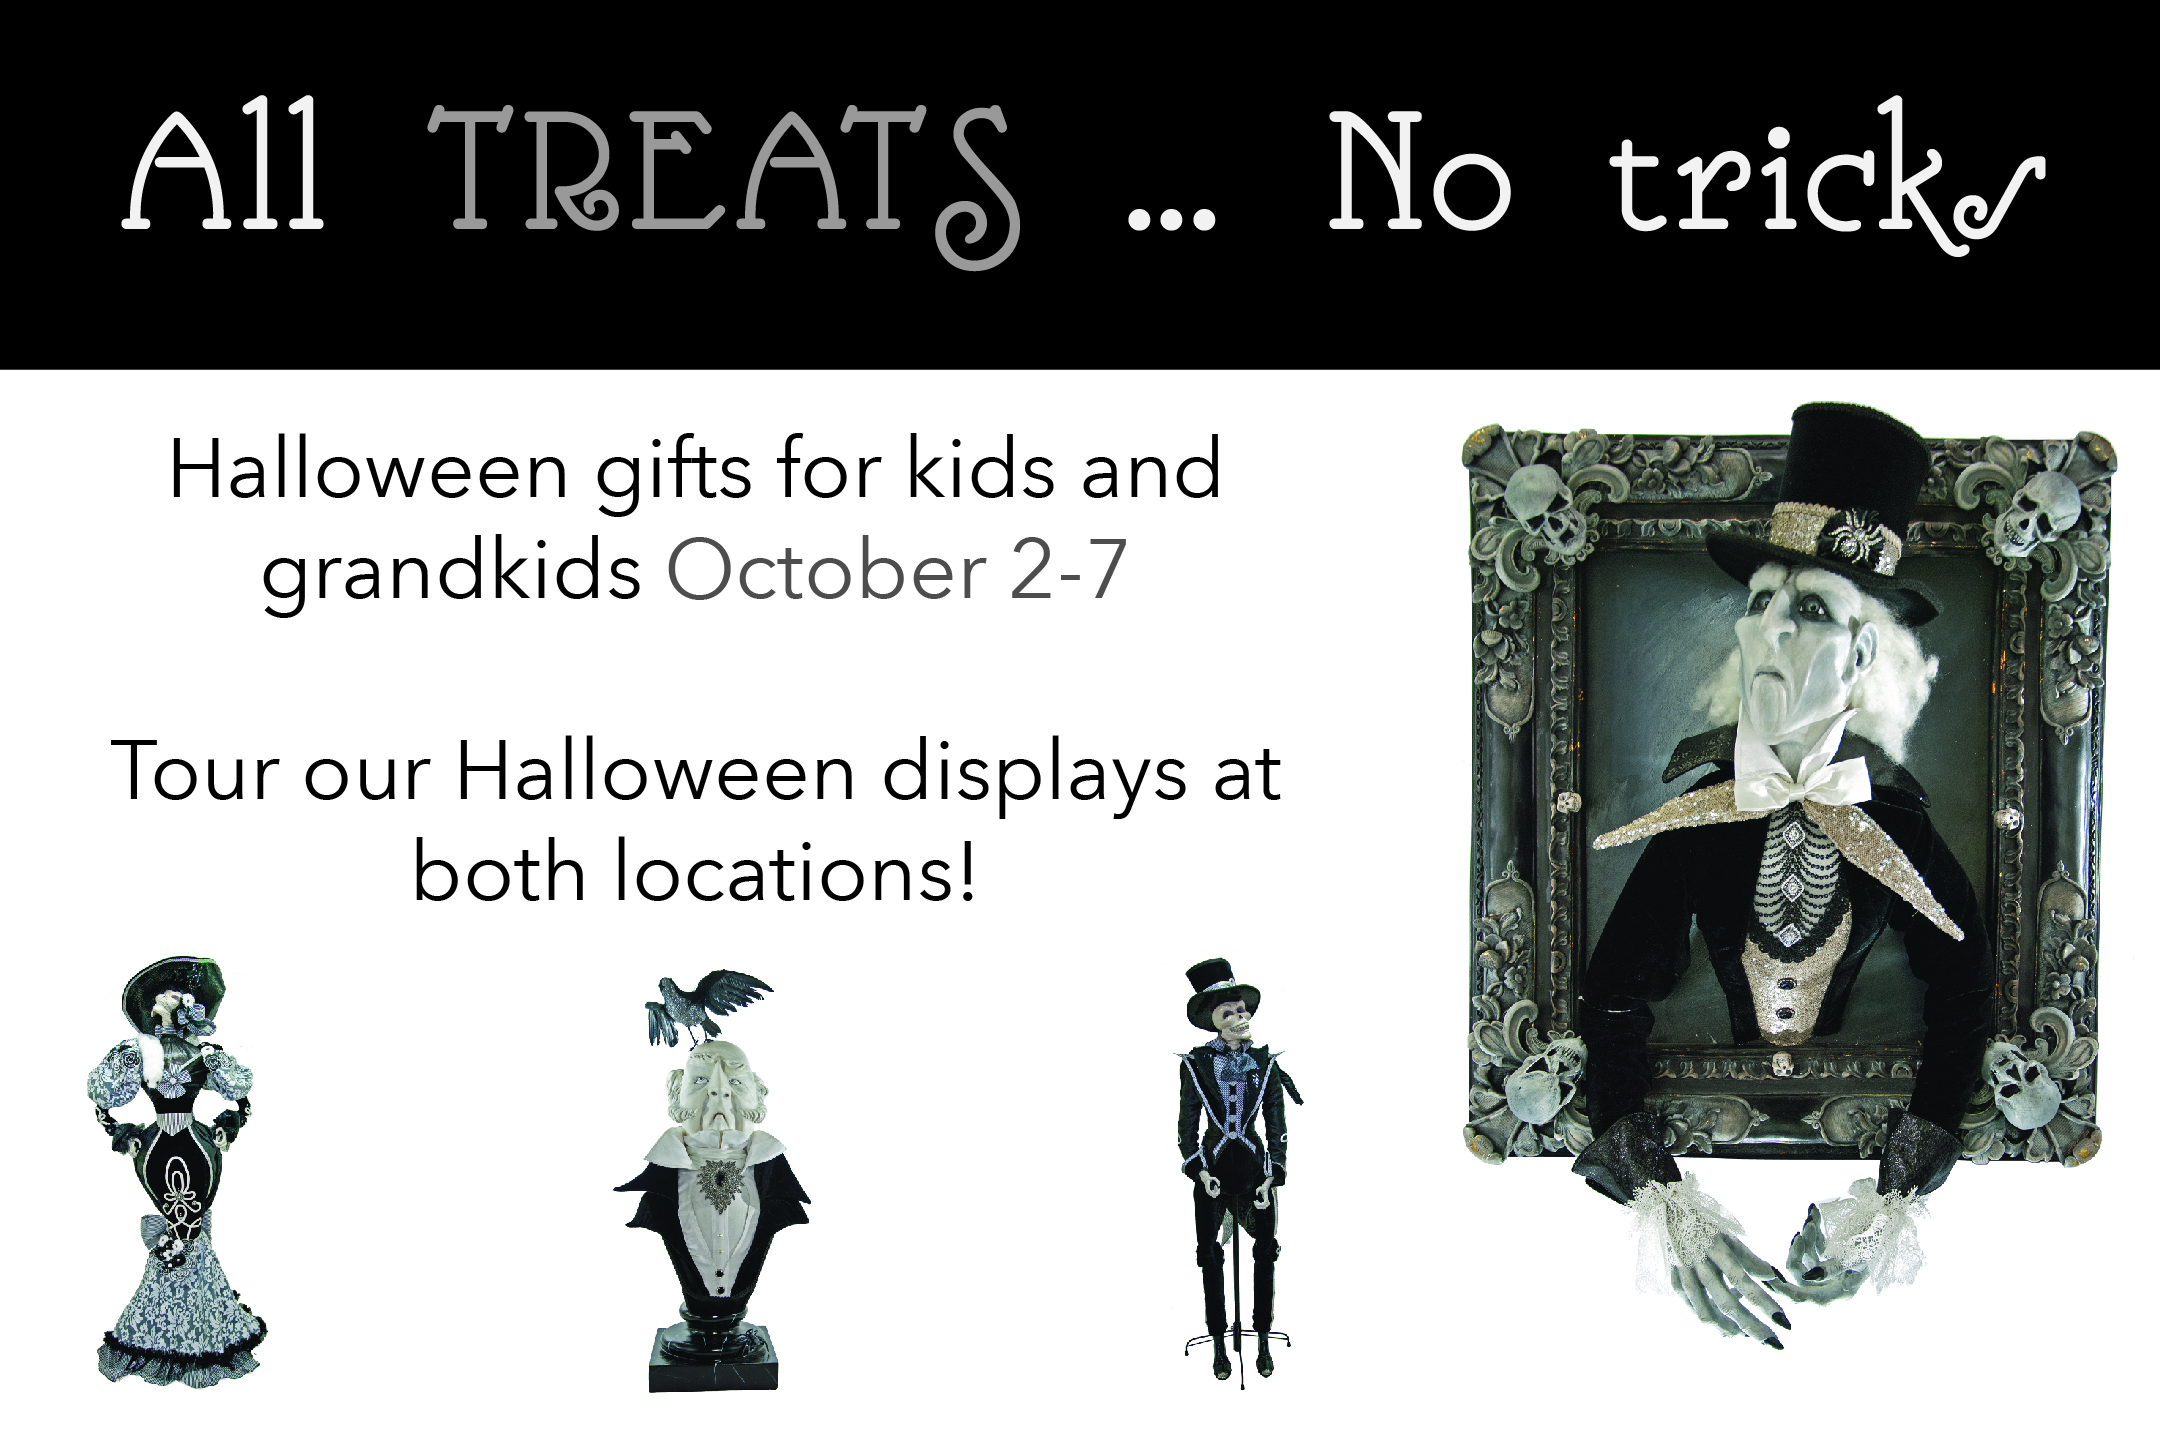 all+tricks+no+treats-100.jpg